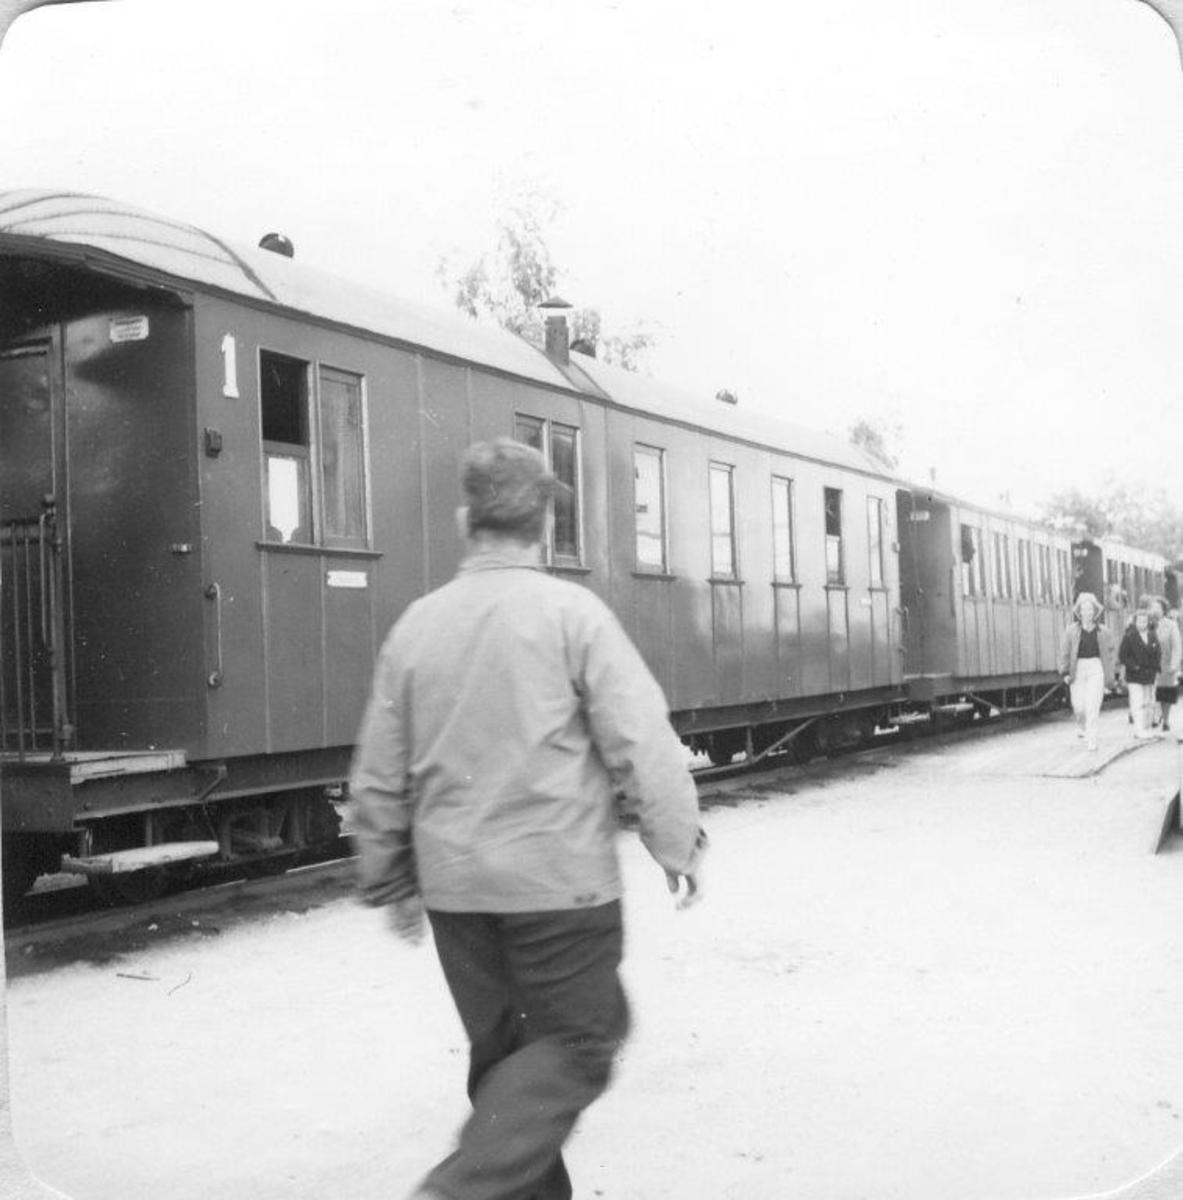 Mange reisende og skuelystne på Sørumsand stasjon på Tertittens siste driftsdag 30.06.1960.